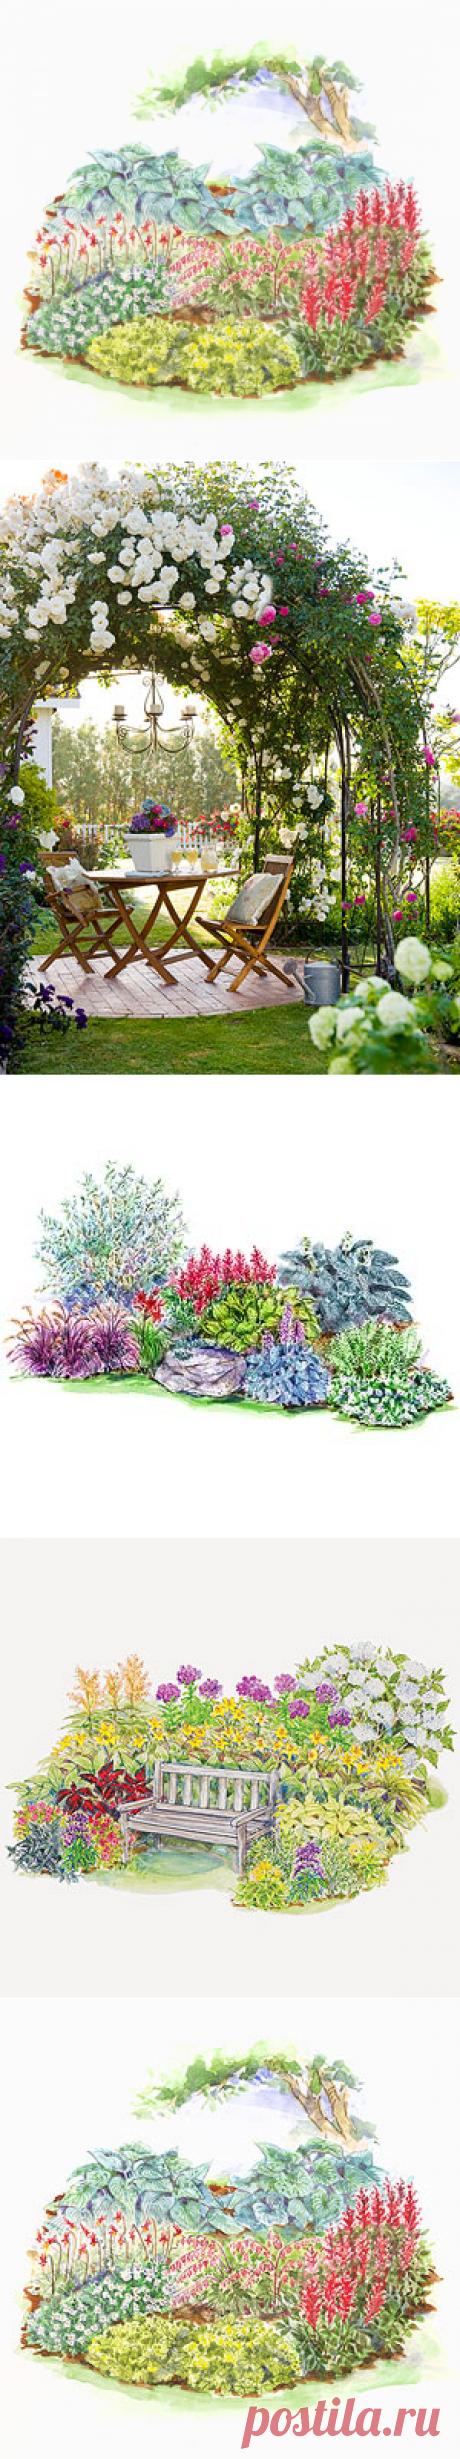 Холодный климат План Тень сад